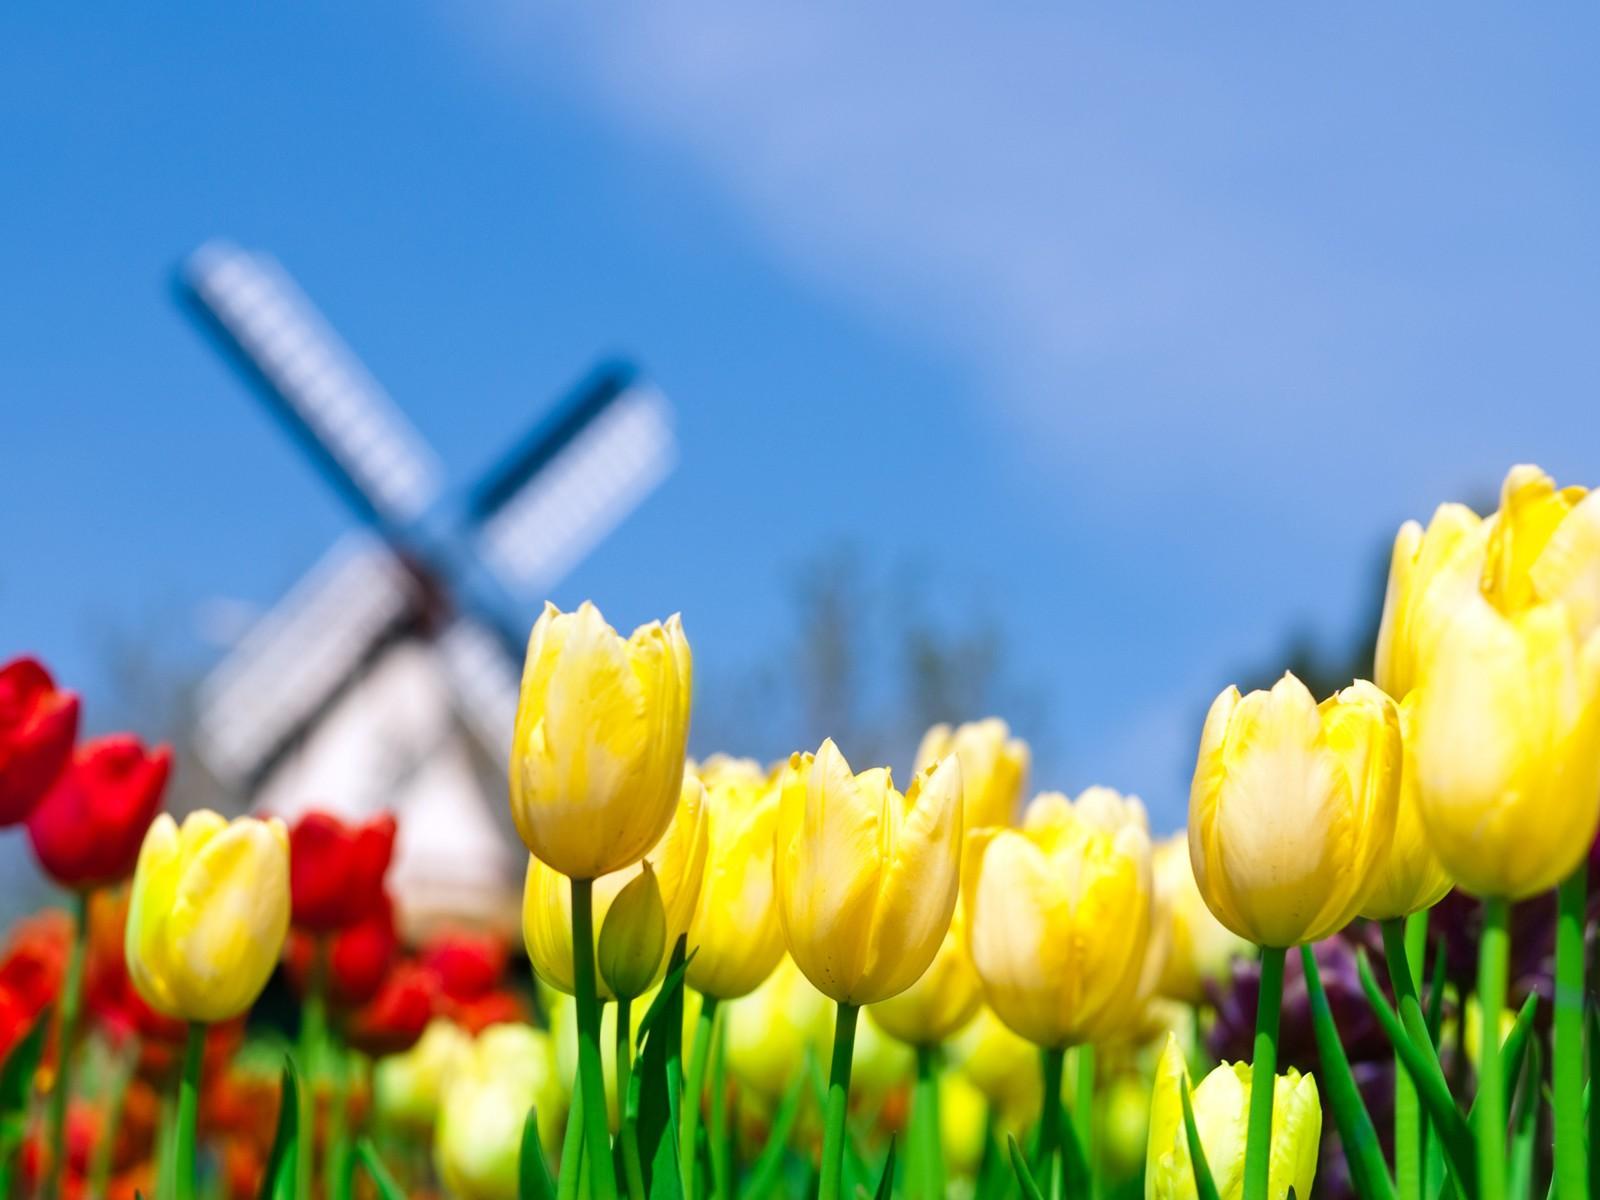 Разноцветные тюльпаны растут на поле